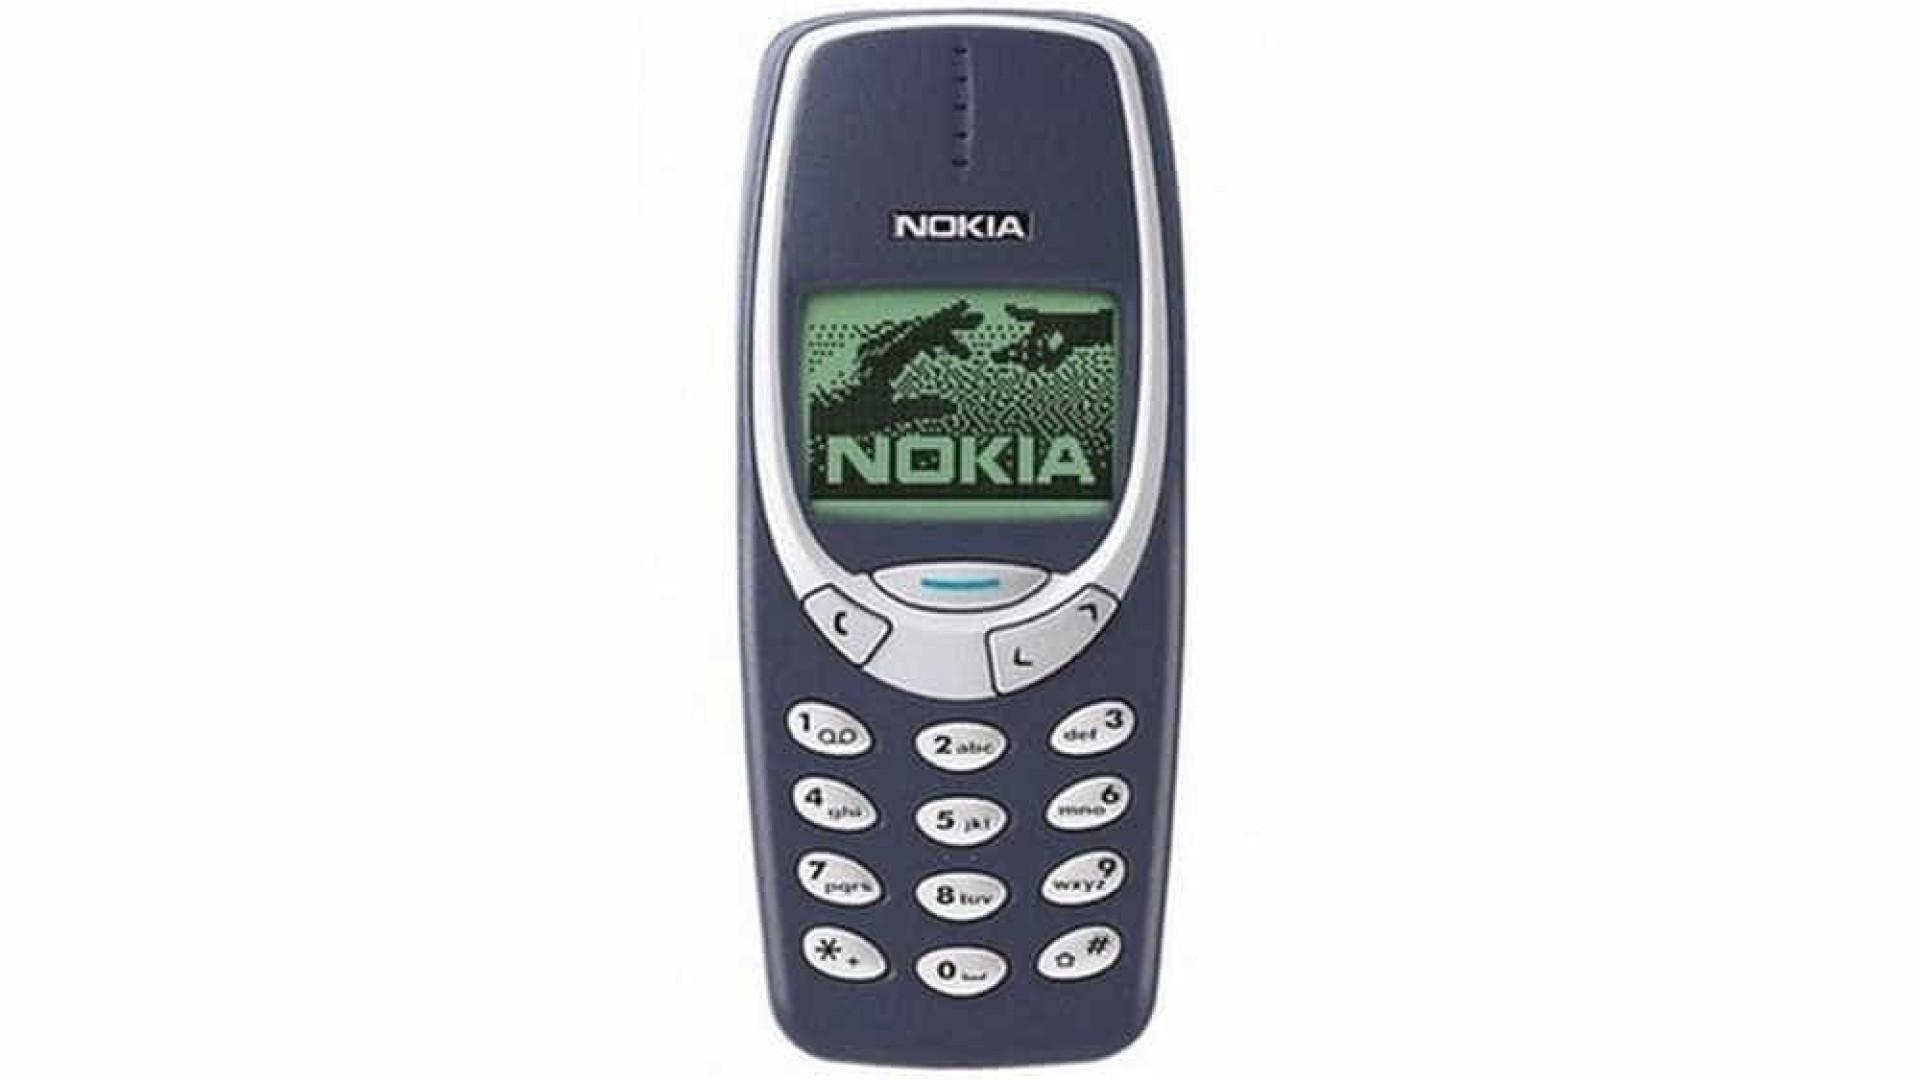 Telemóveis da Nokia estão a ser aproveitados como brinquedos... sexuais